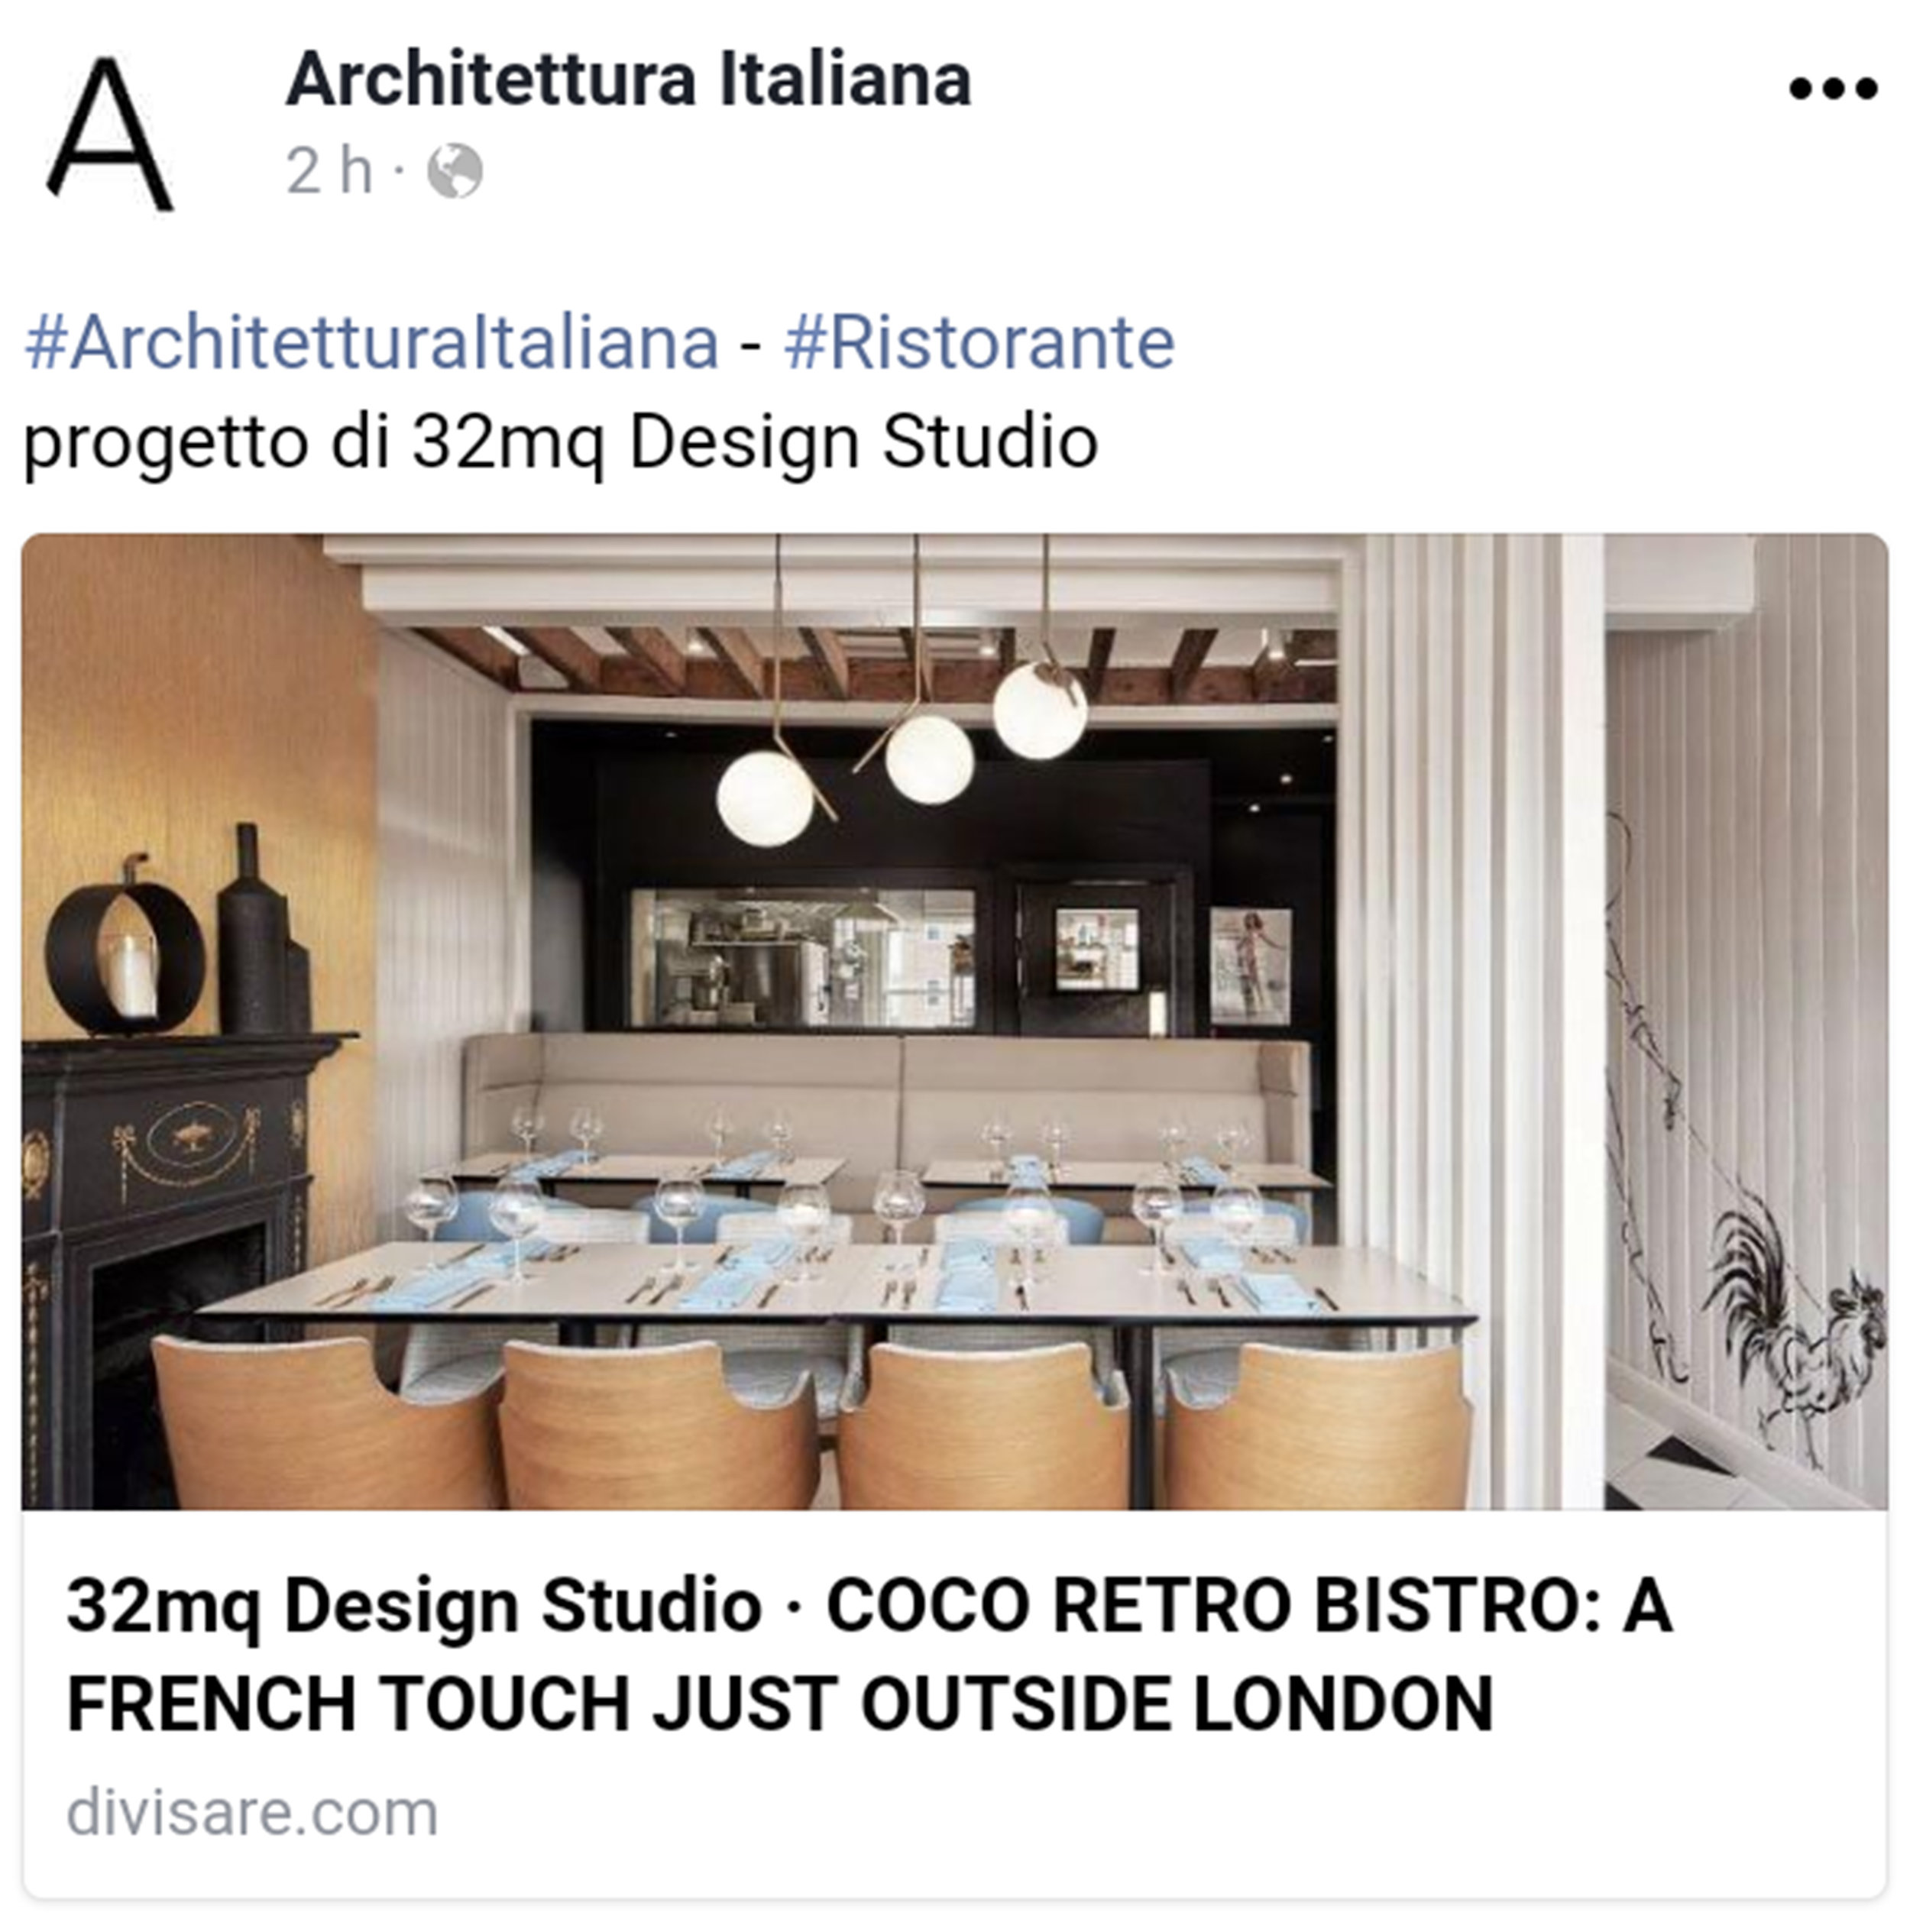 coco architettura italiana.jpg